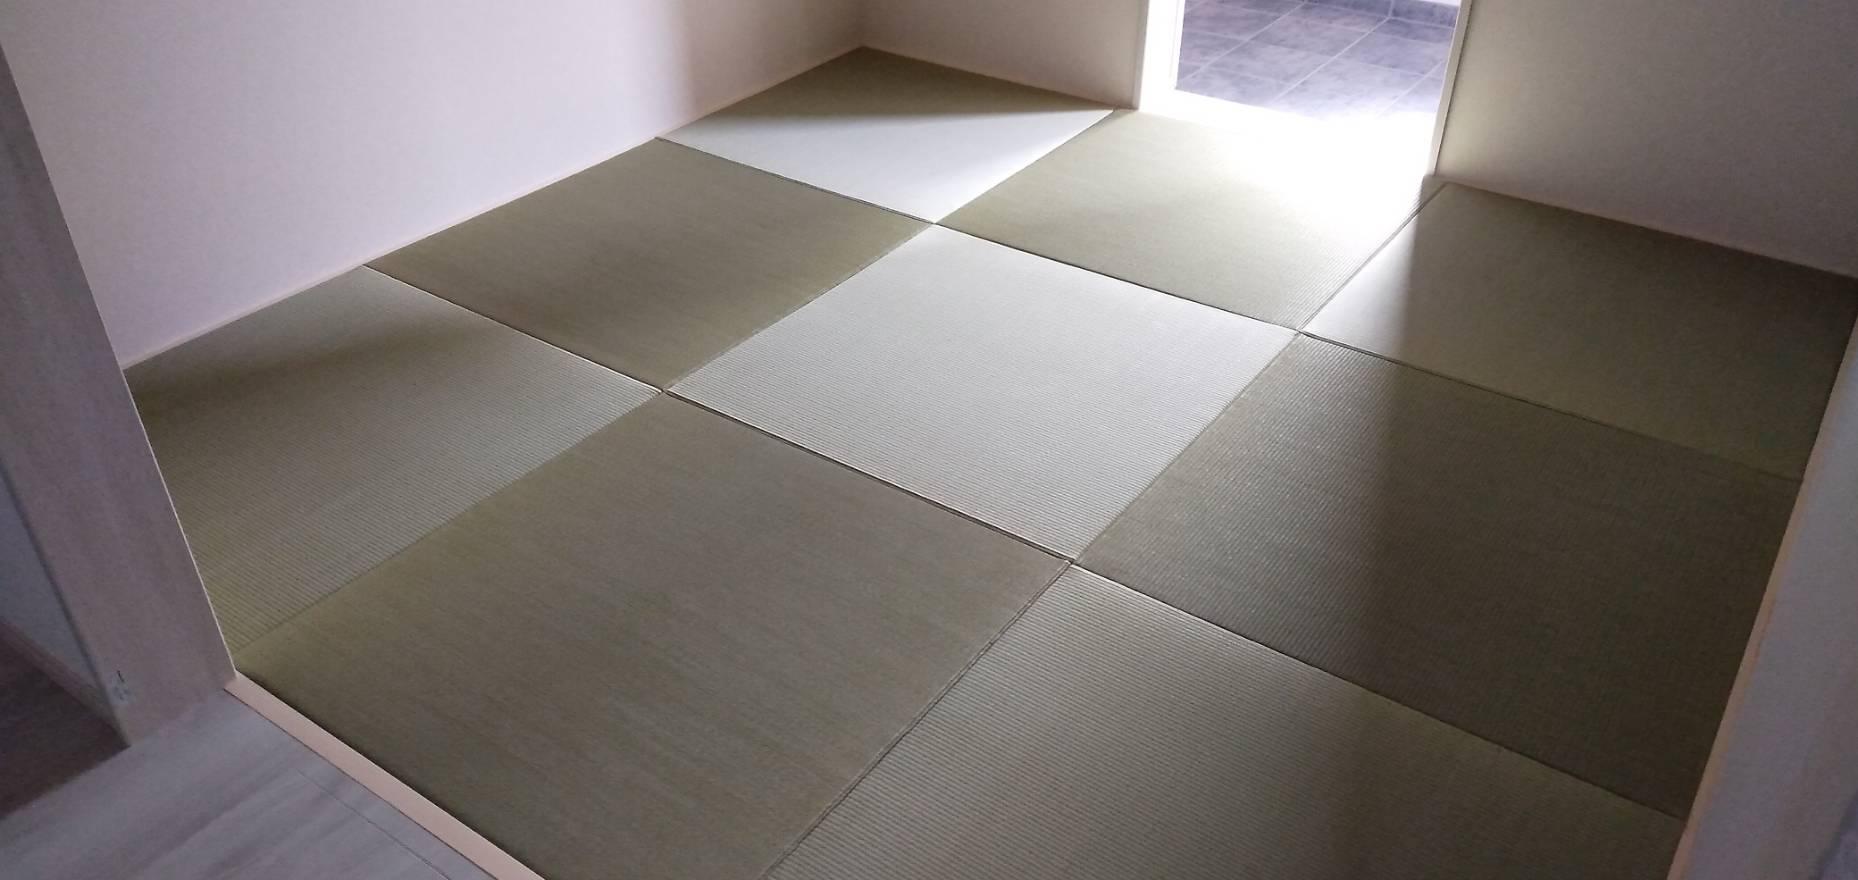 20210515 尼崎市の戸建のお客様に縁なし畳の新調を納品させていただきました。